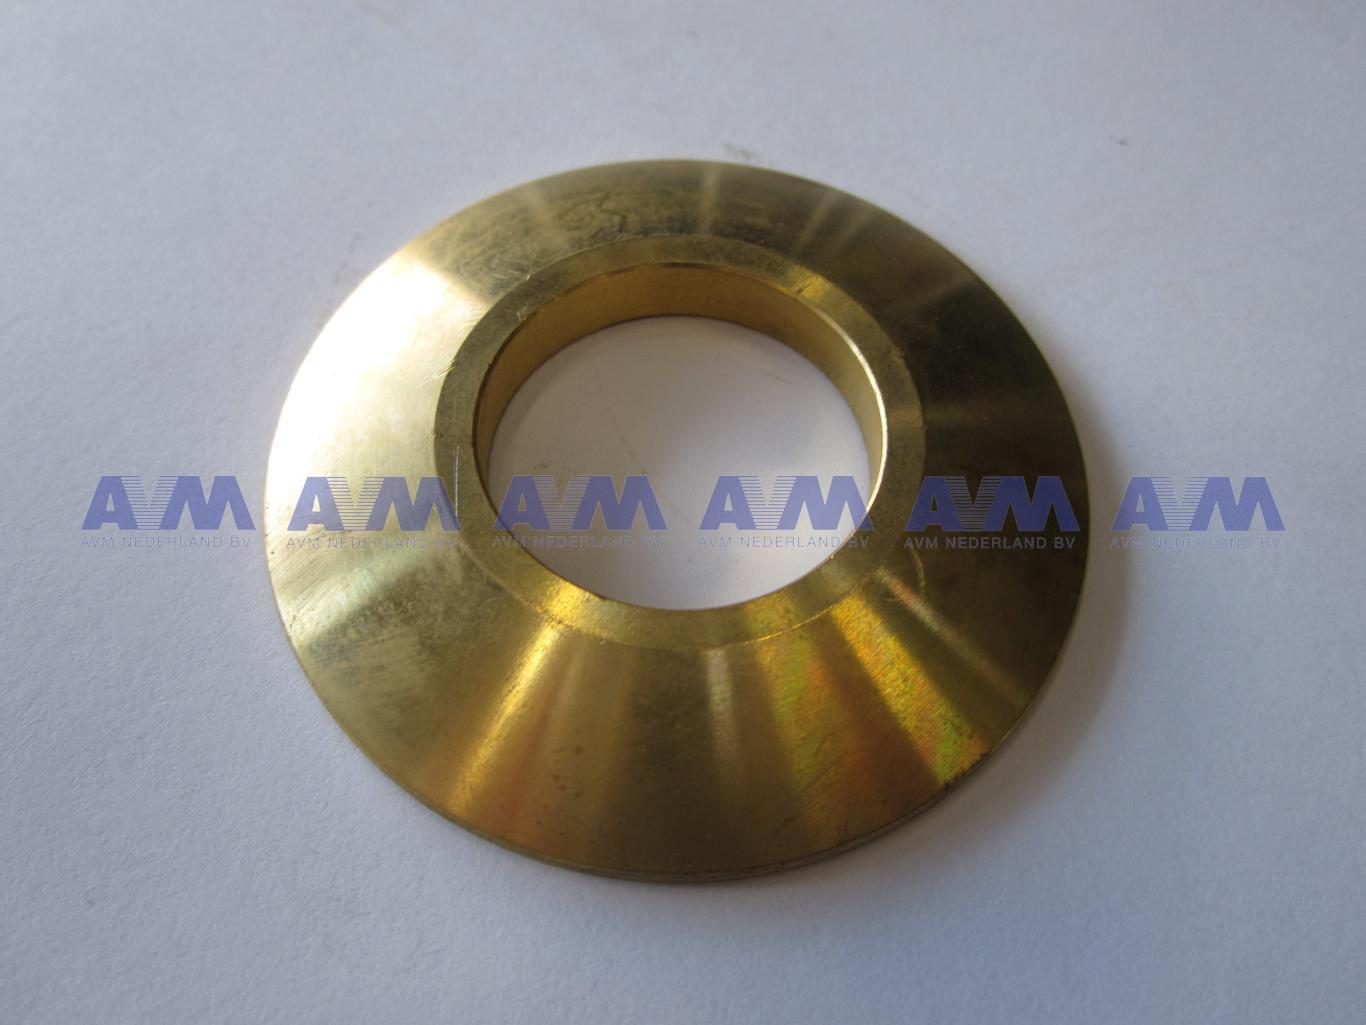 Aanloopschijf brons gebruikt 9049991080-G Grove